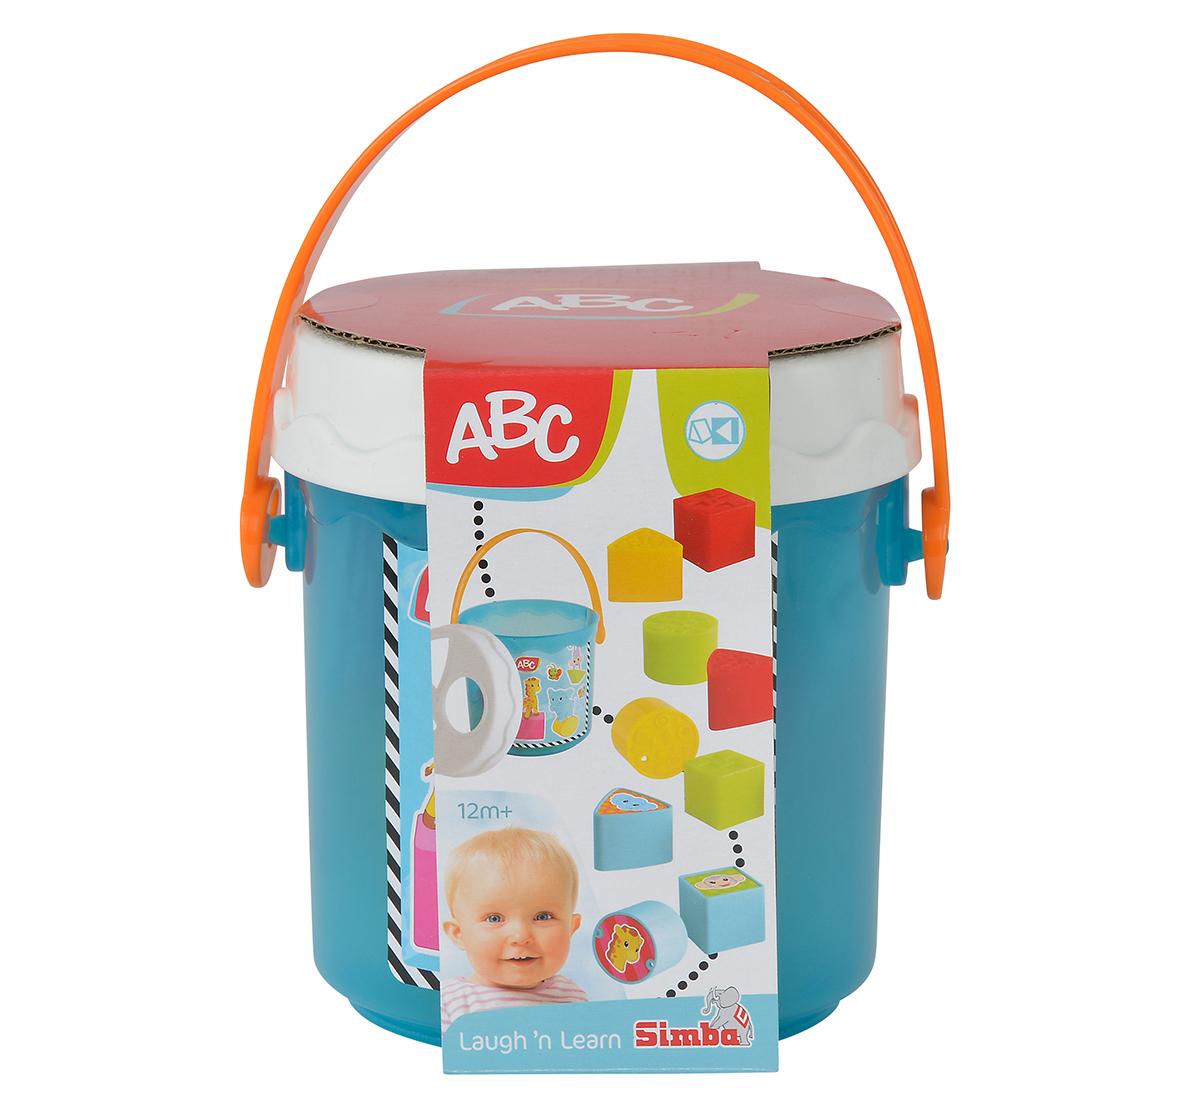 Simba | Simba Abc Colorful Sorting Bucket, Unisex, 12M+ (Blue)